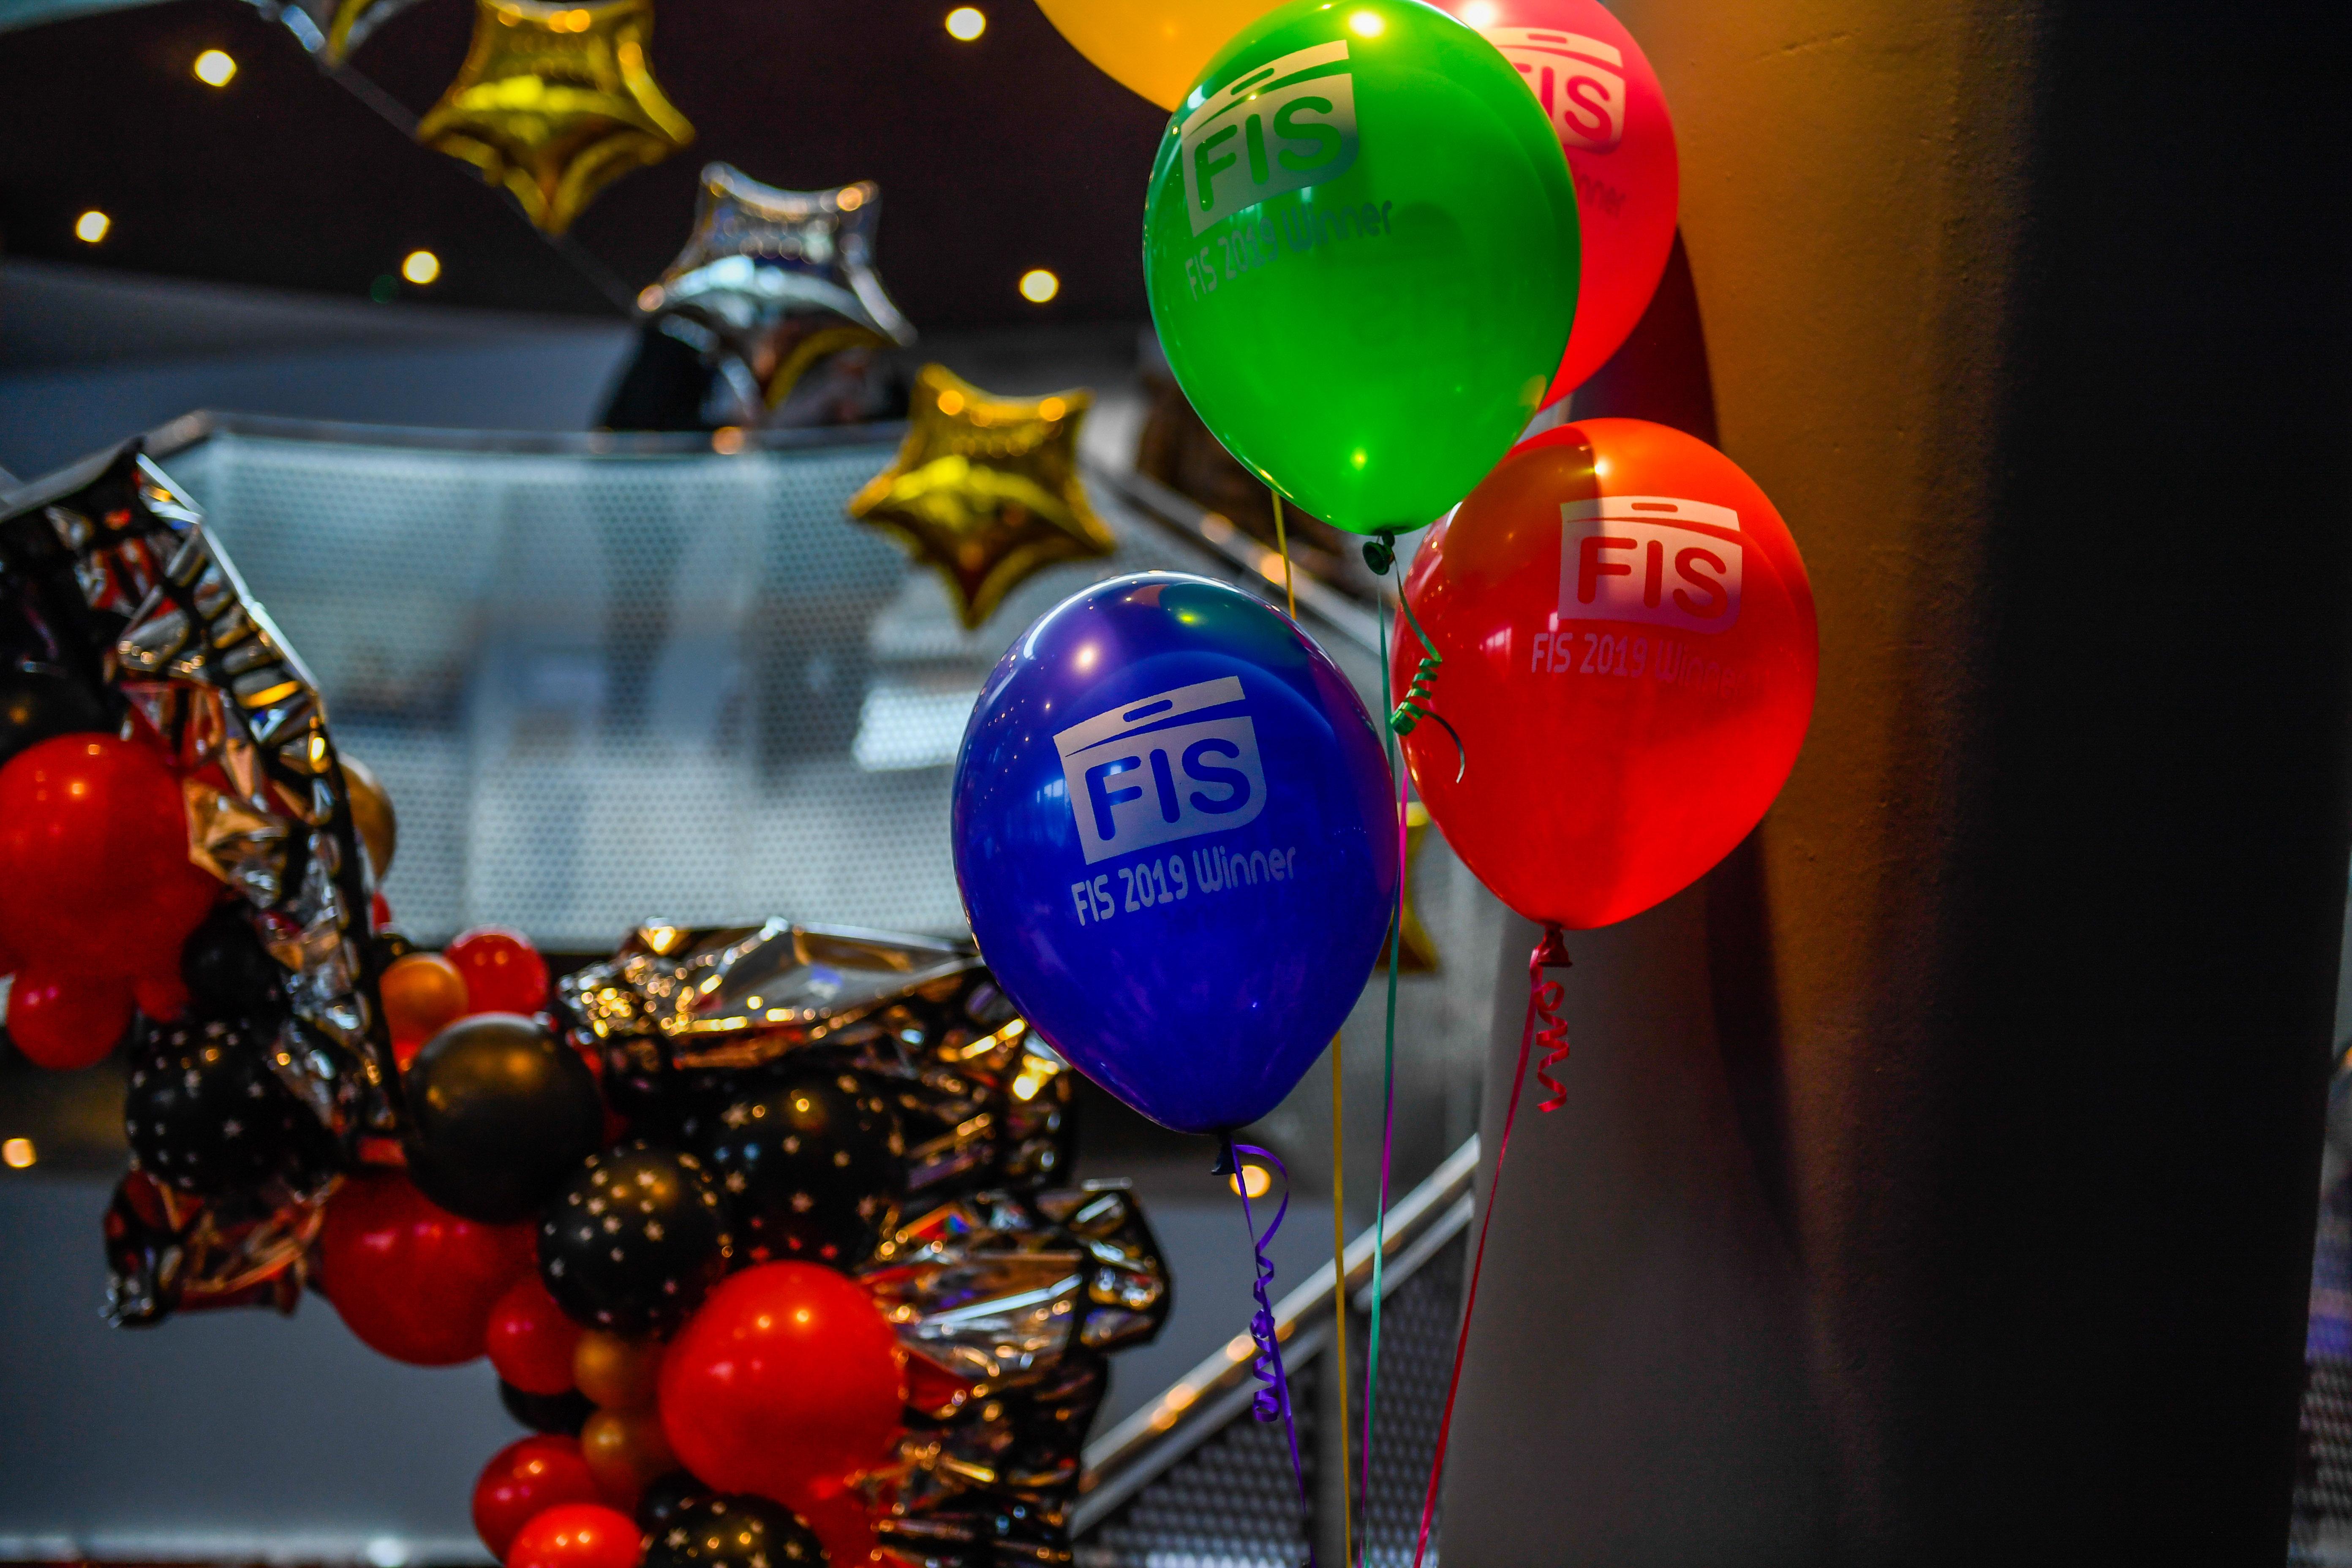 FIS 2019